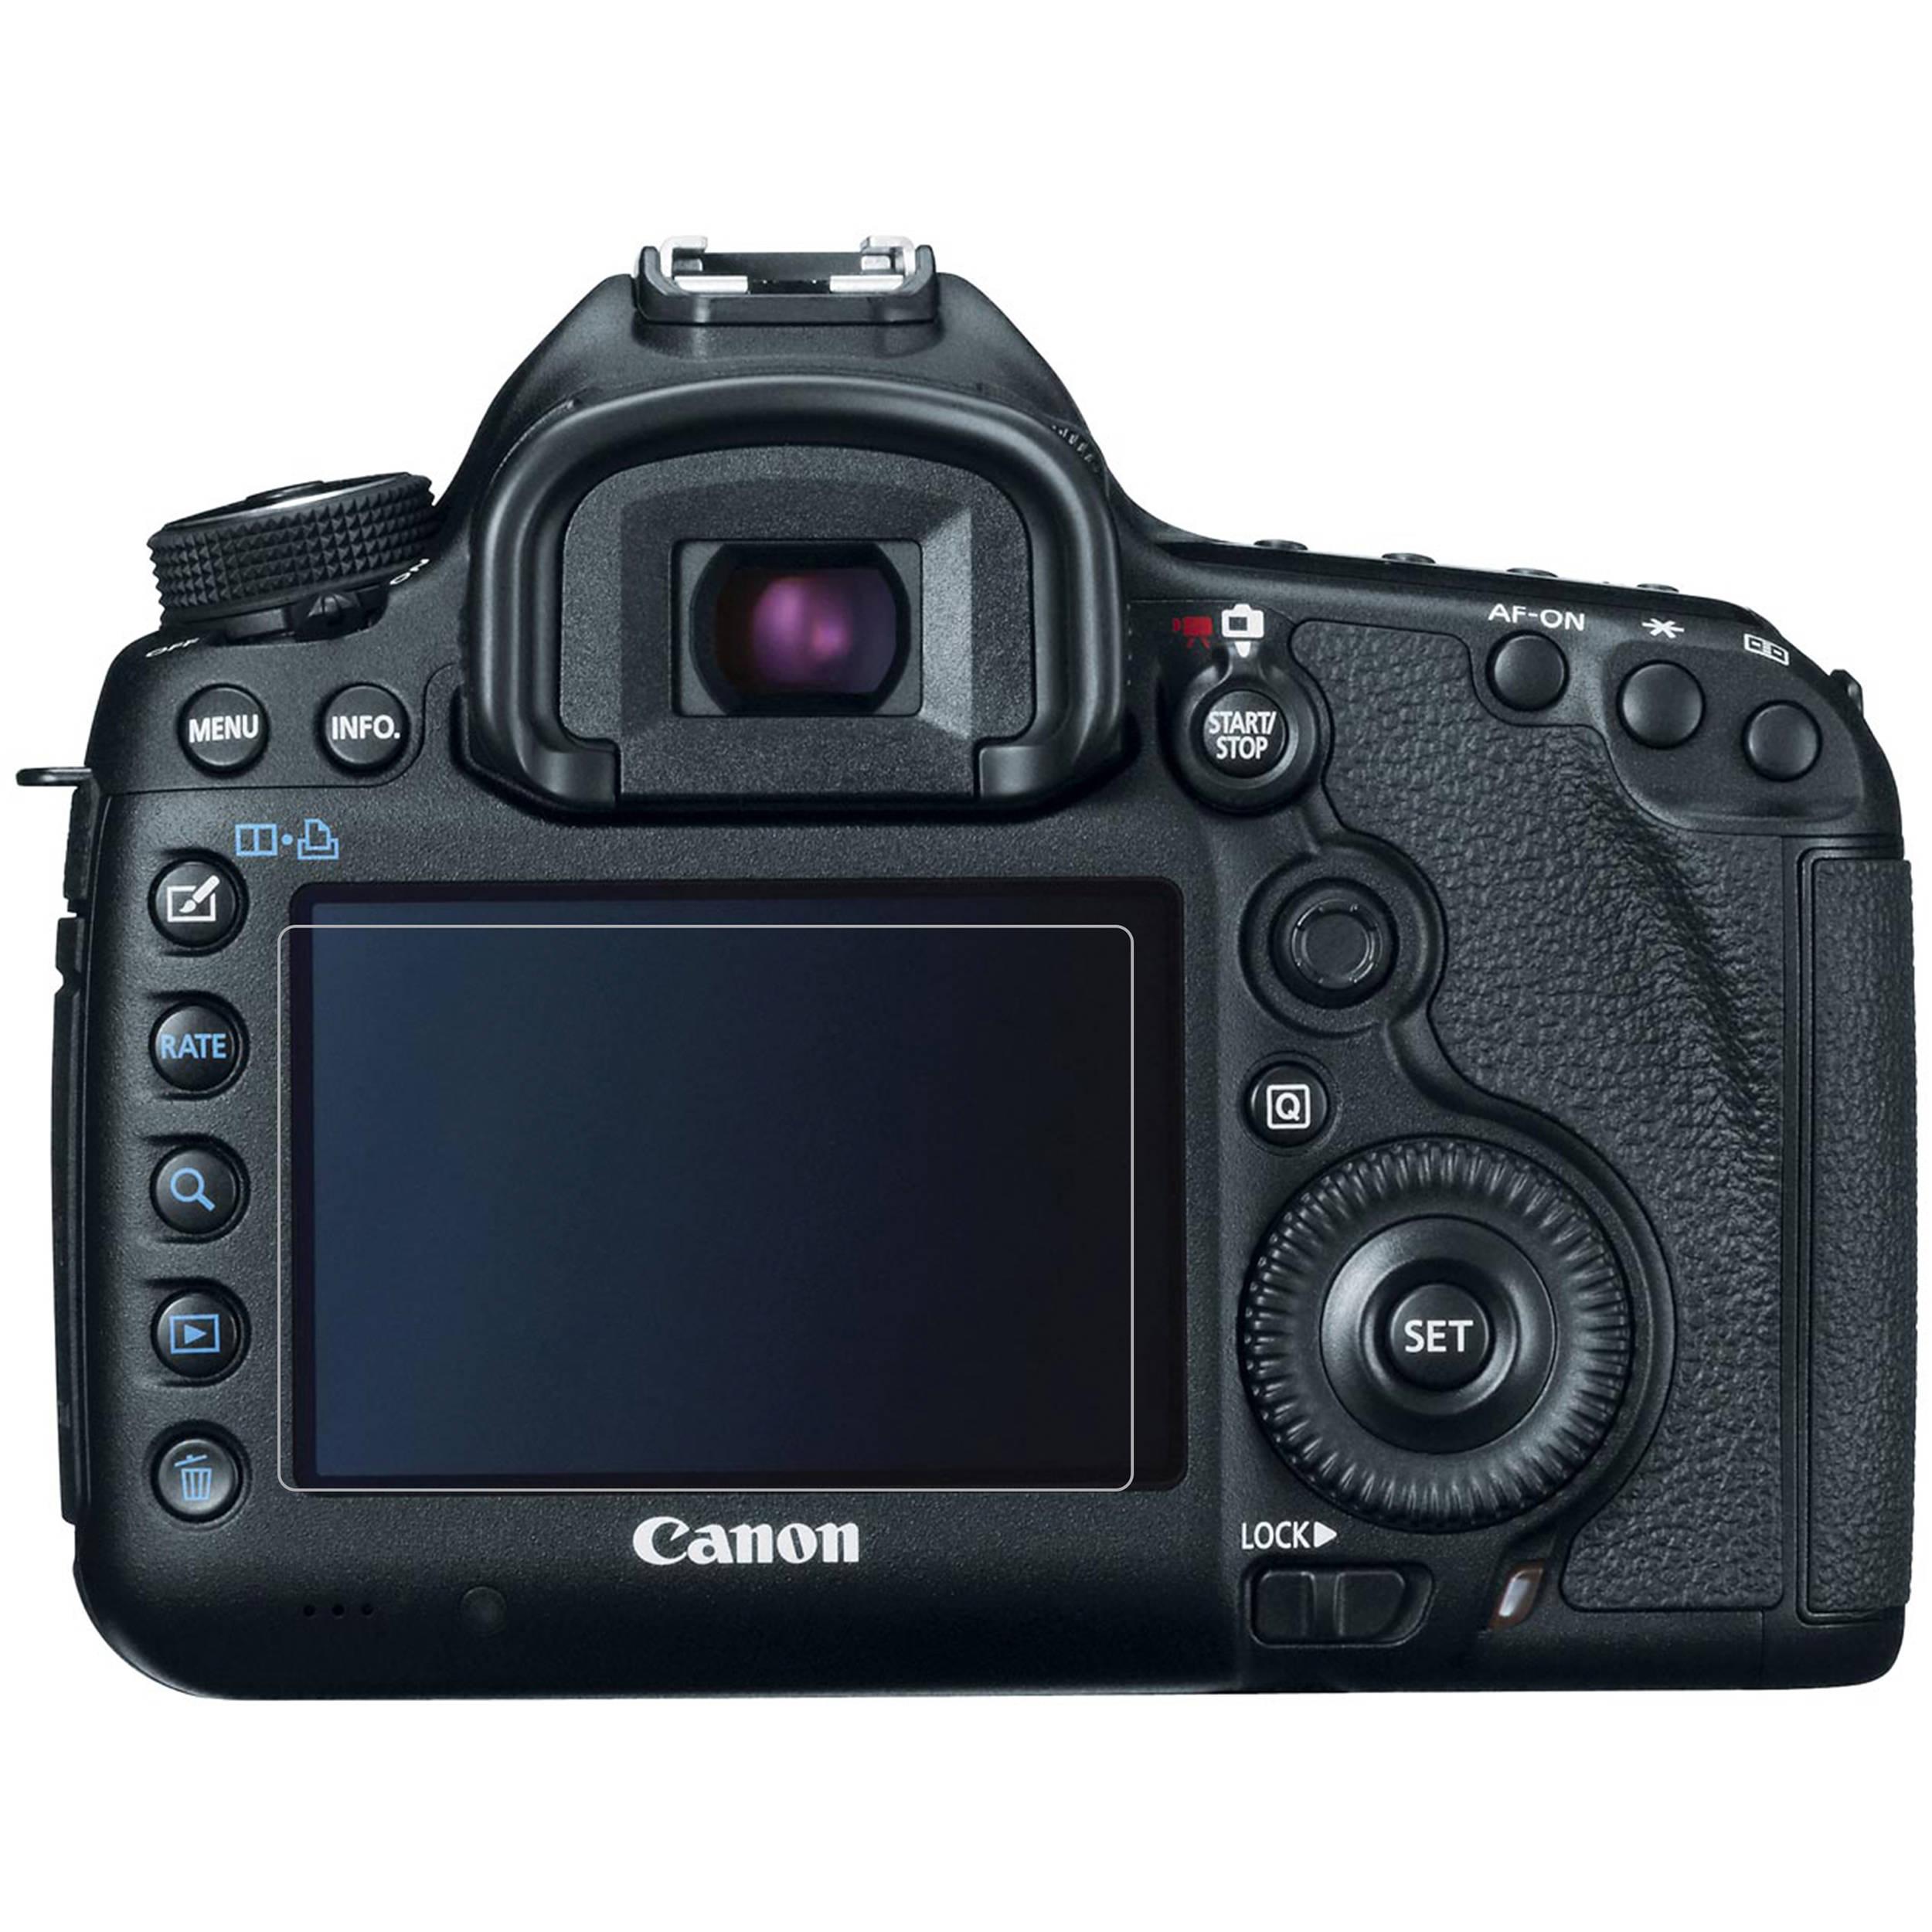 Eos 5d Mark Iii >> Phantom Glass Lcd Screen Protector For Canon Eos 5d Mark Pgc 005